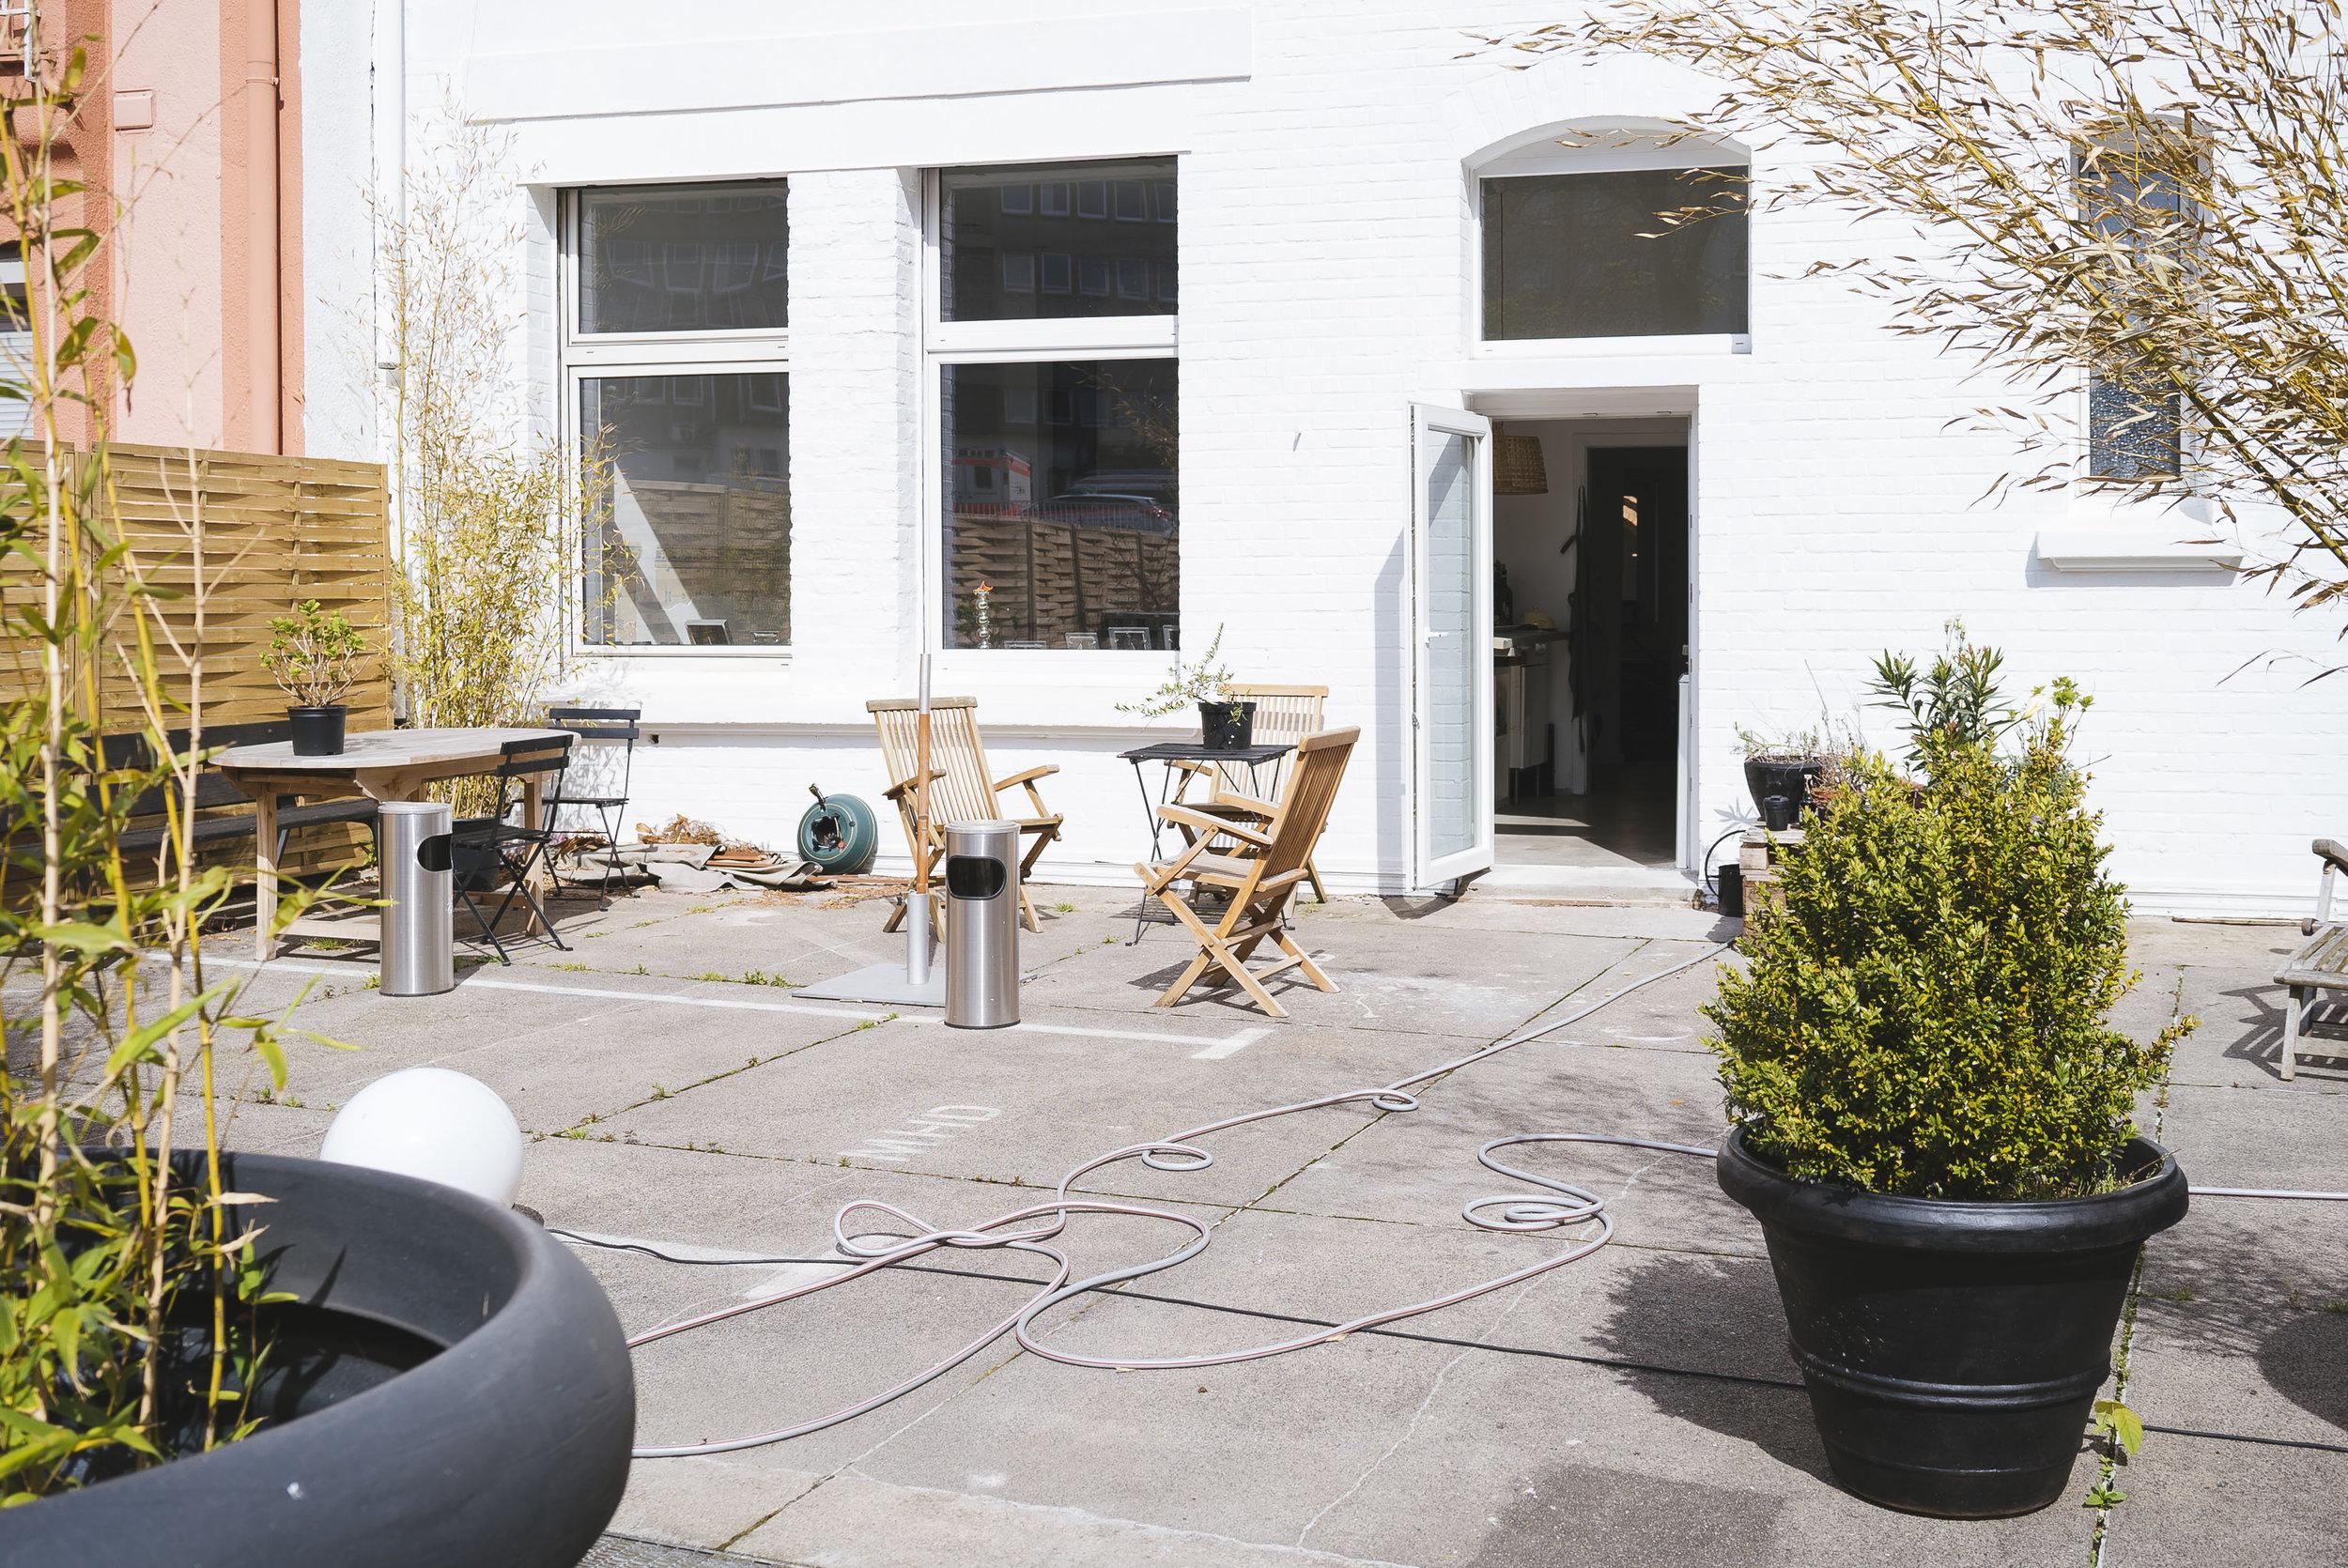 peter-schneider-garage13-essen-pottspott-40.jpg